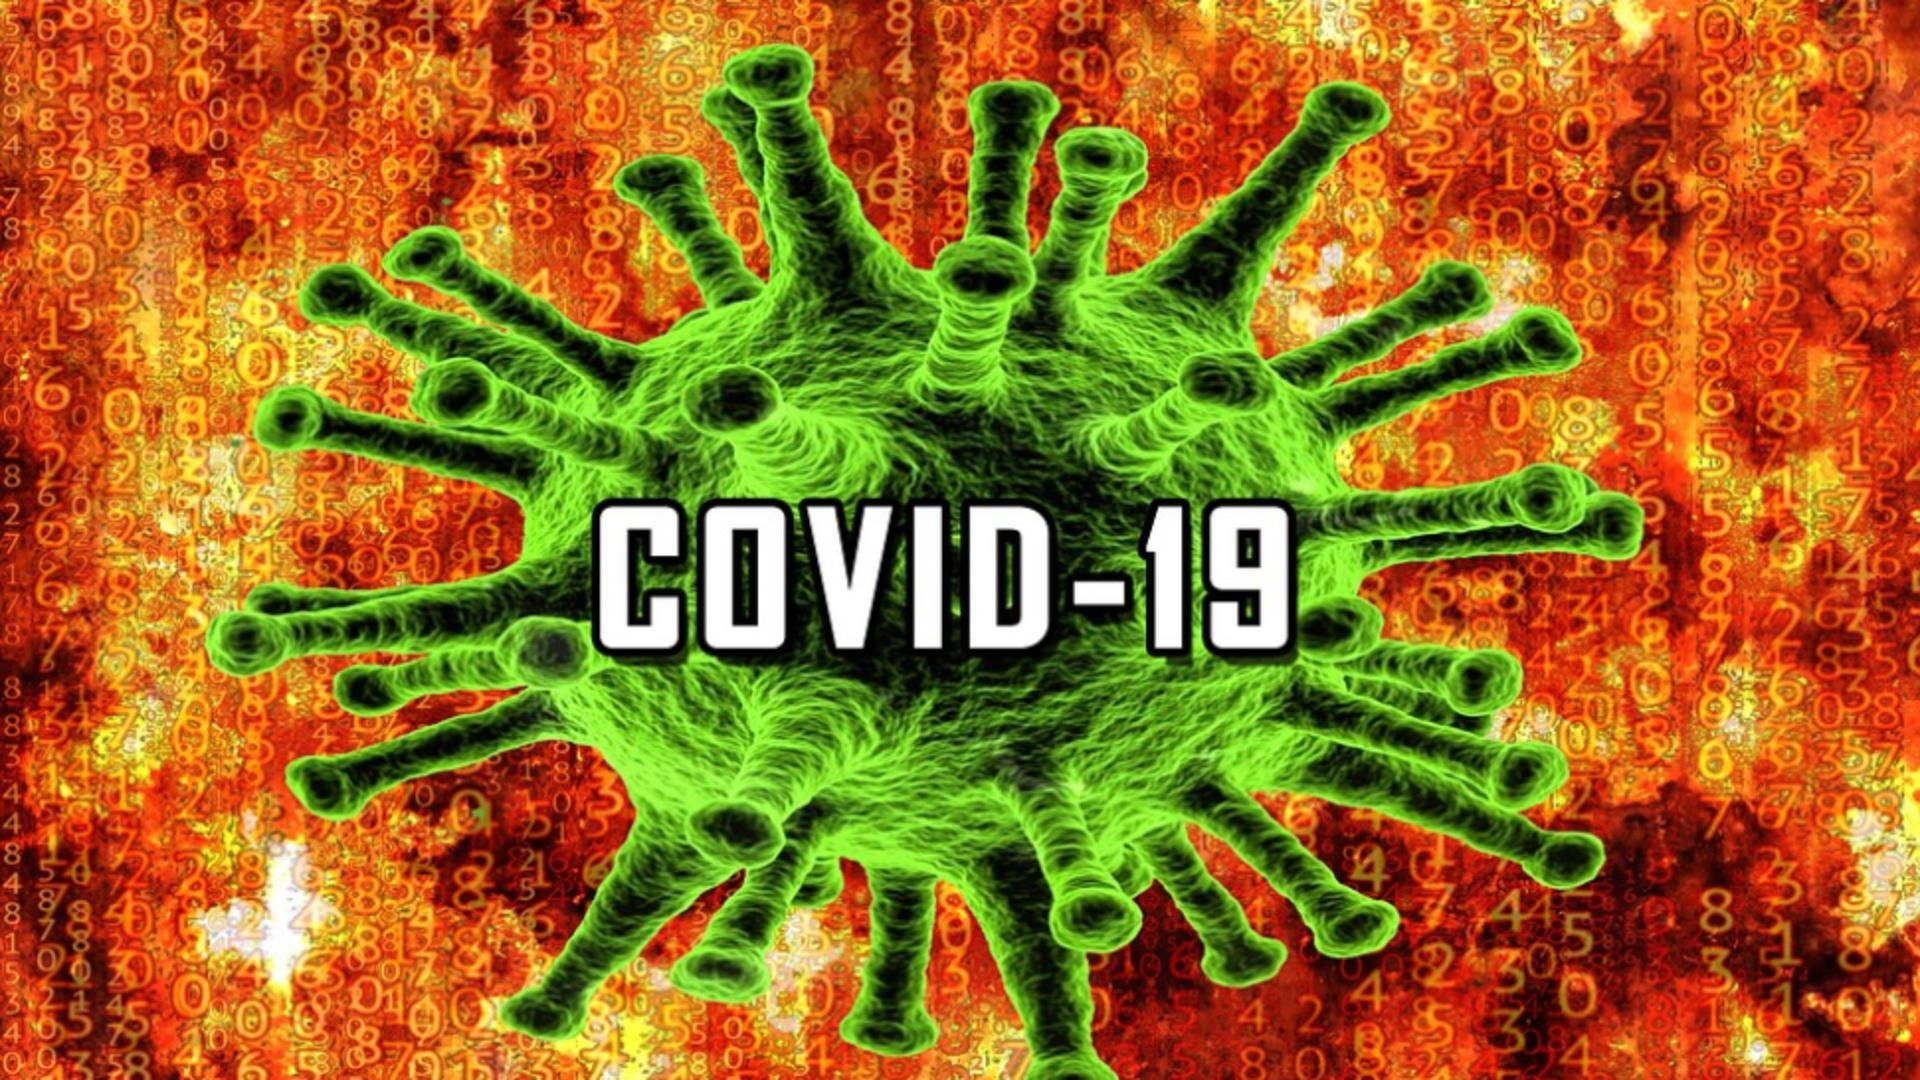 Prognoză sumbră la Ministerul Sănătății: TREI scenarii în următoarele 2 săptămâni - Cel mai GRAV este cu 17.000 de infectări pe zi